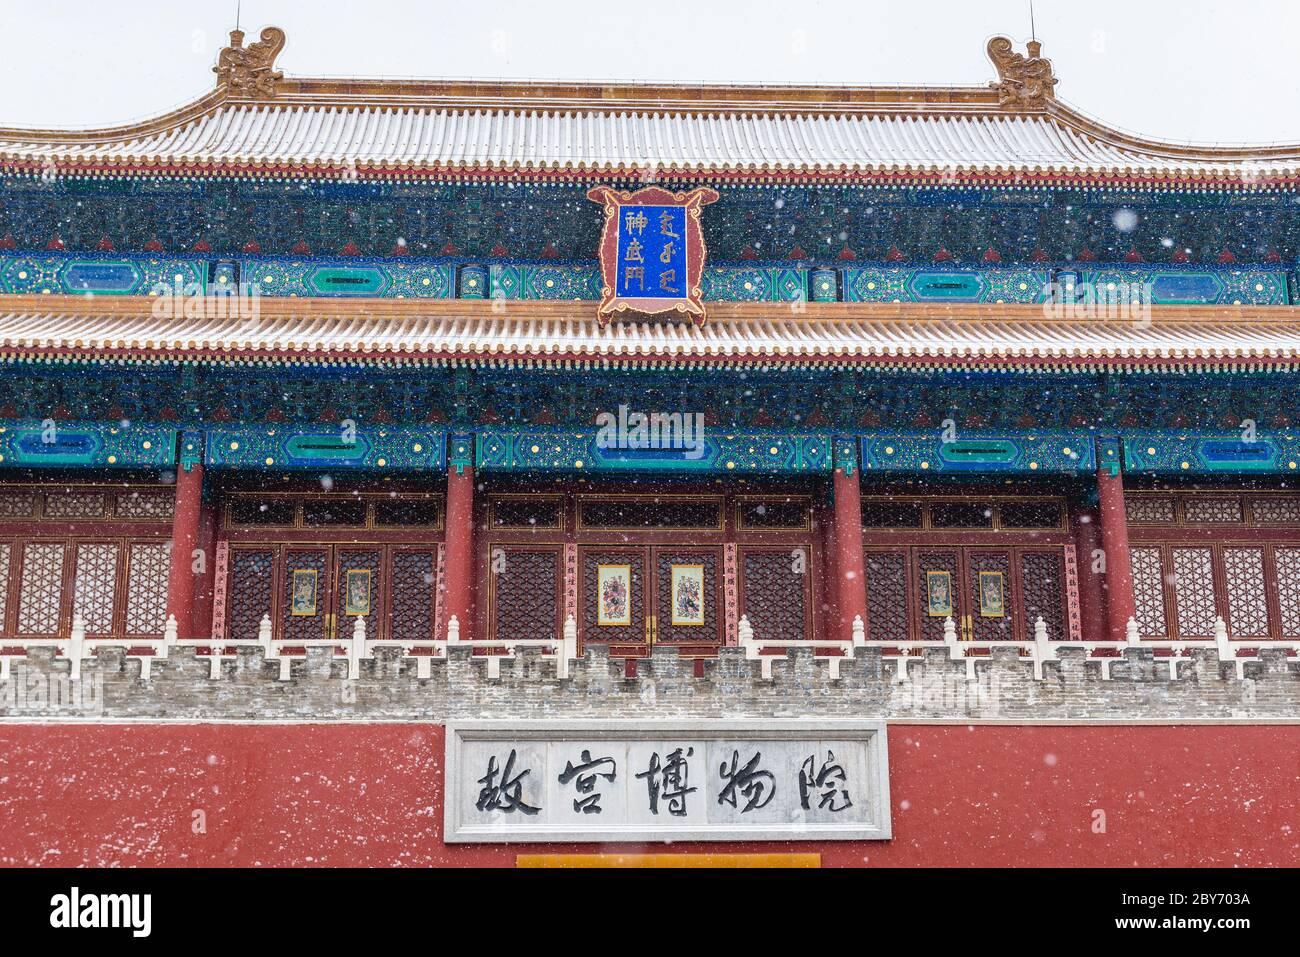 Shenwumen - porte de la prouesse Divine appelée aussi porte de la puissance Divine - porte nord du complexe palais de la Cité interdite à Beijing, en Chine Banque D'Images